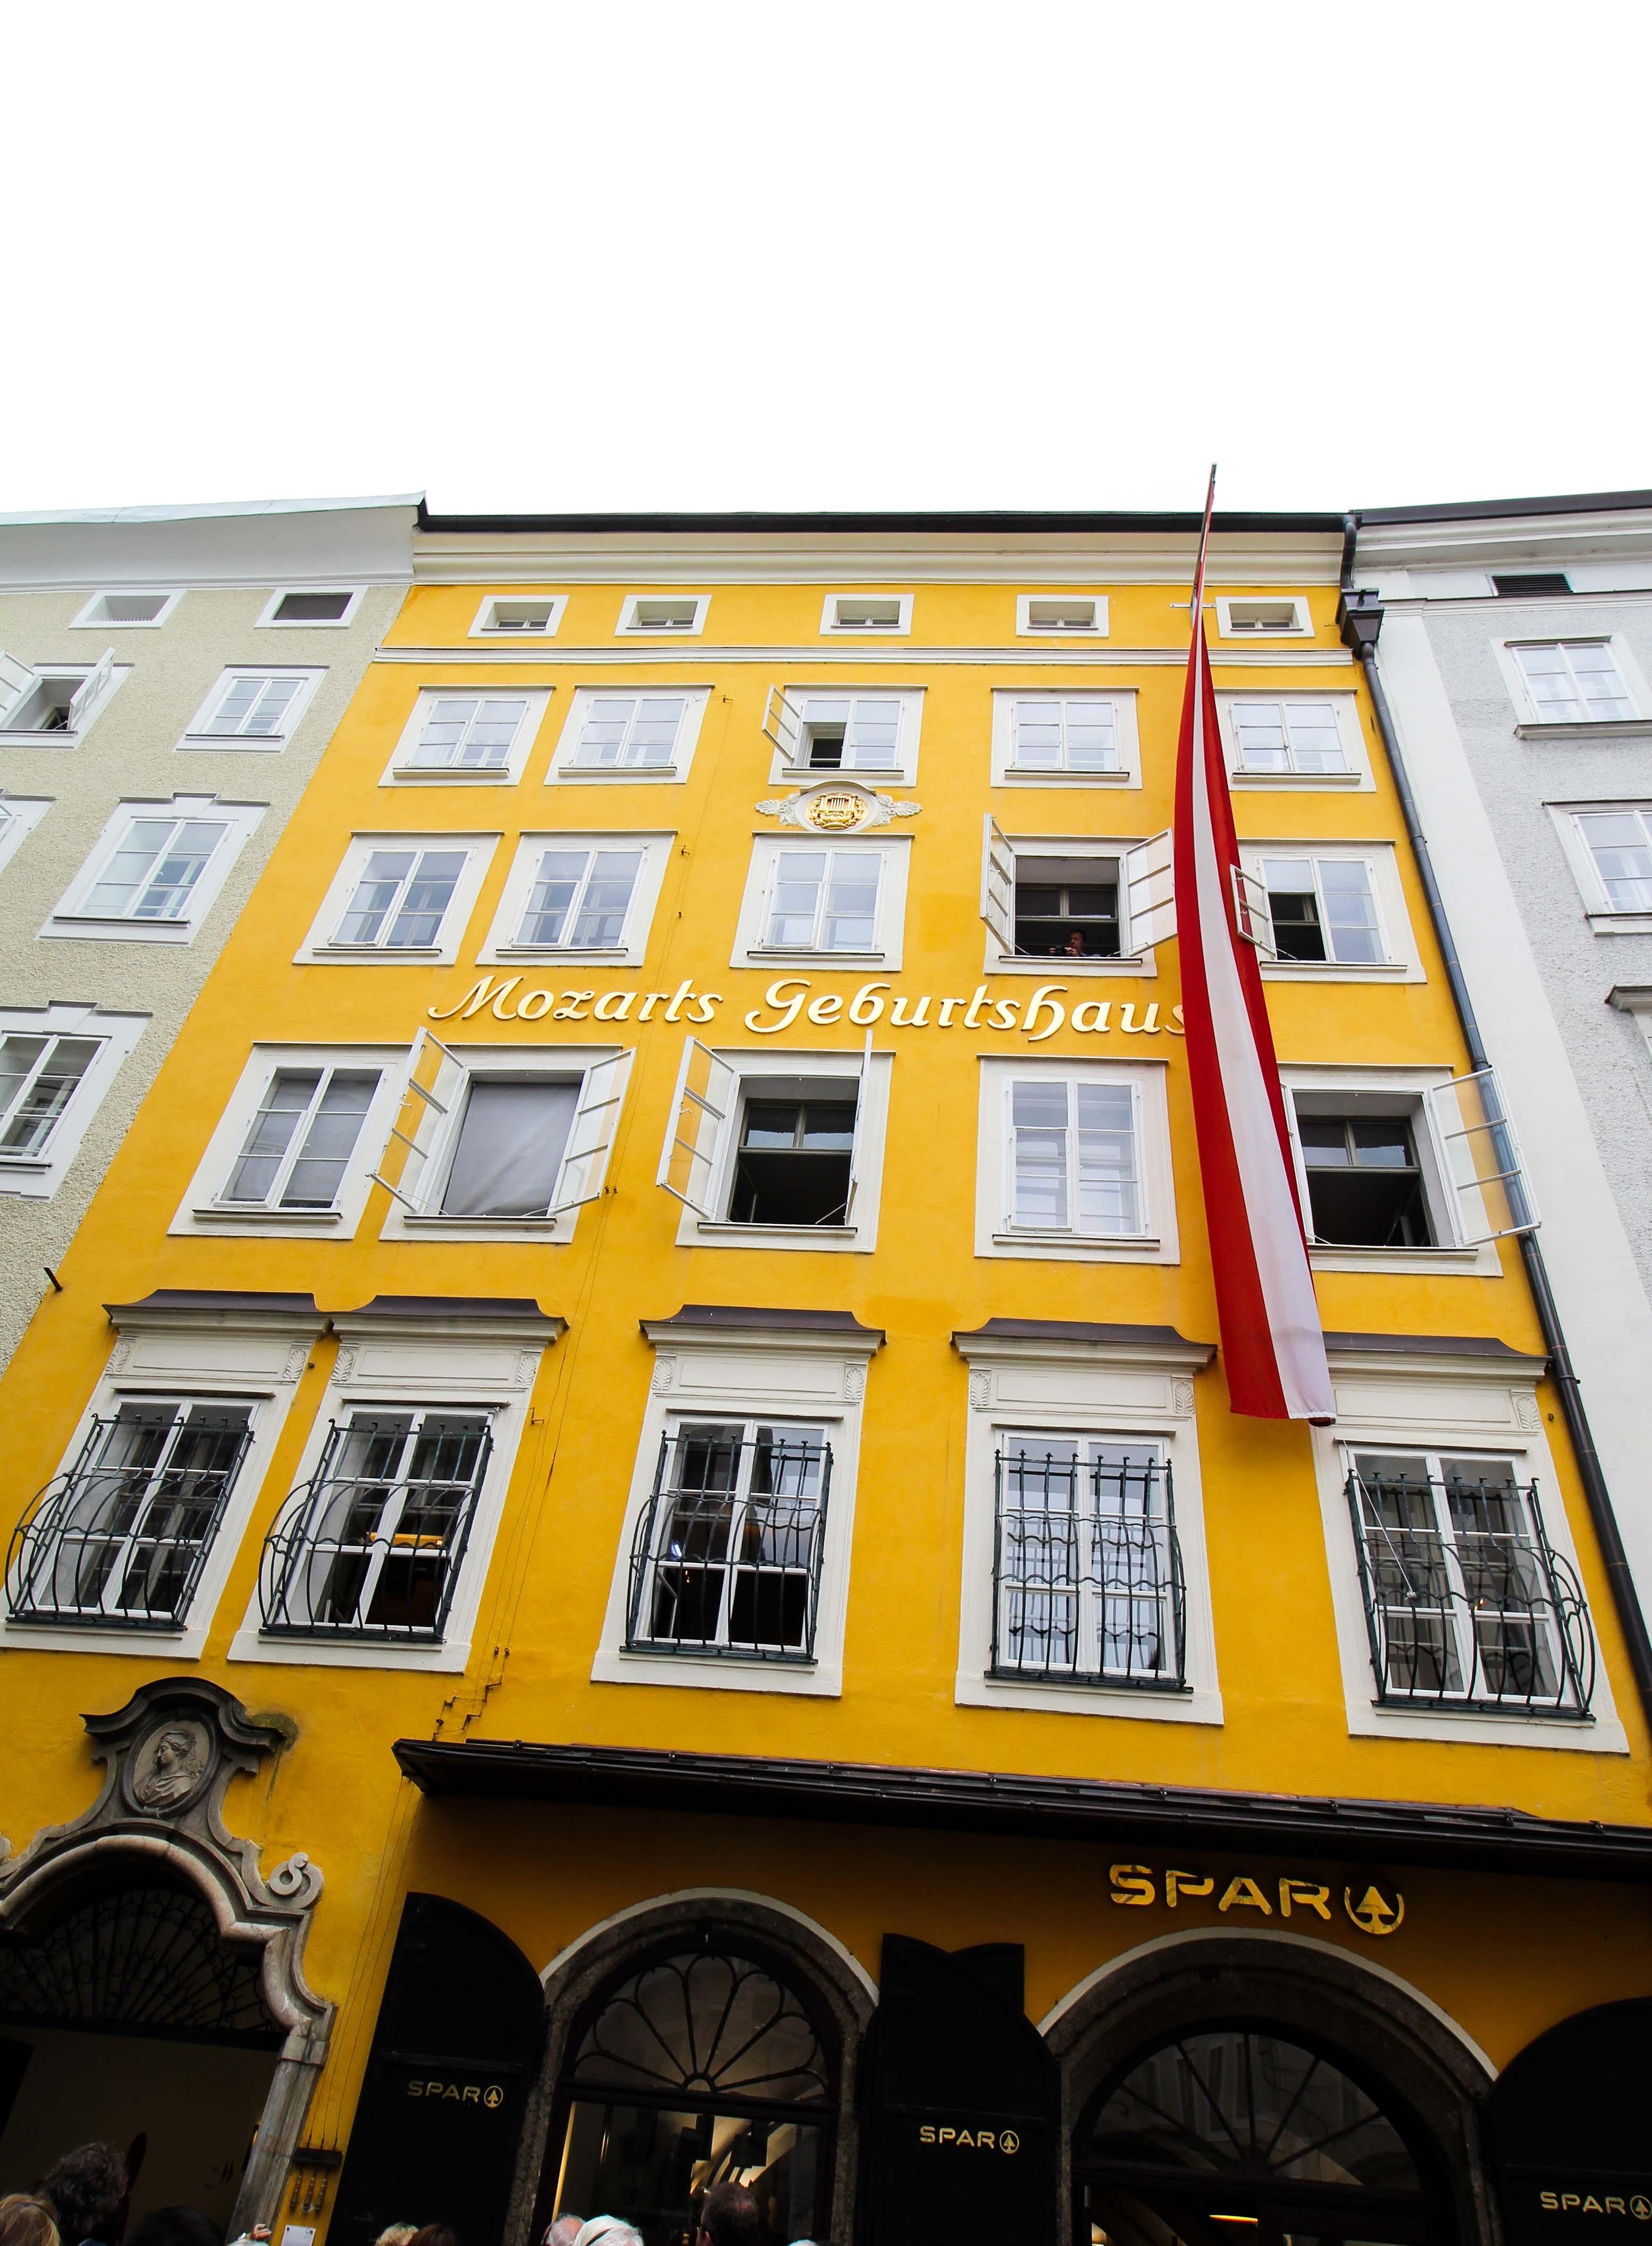 Mozarts Geburtshaus Salzburg Österreich Insider Tipps Sehenswürdigkeiten Donaukreuzfahrt Arosa Reiseblog